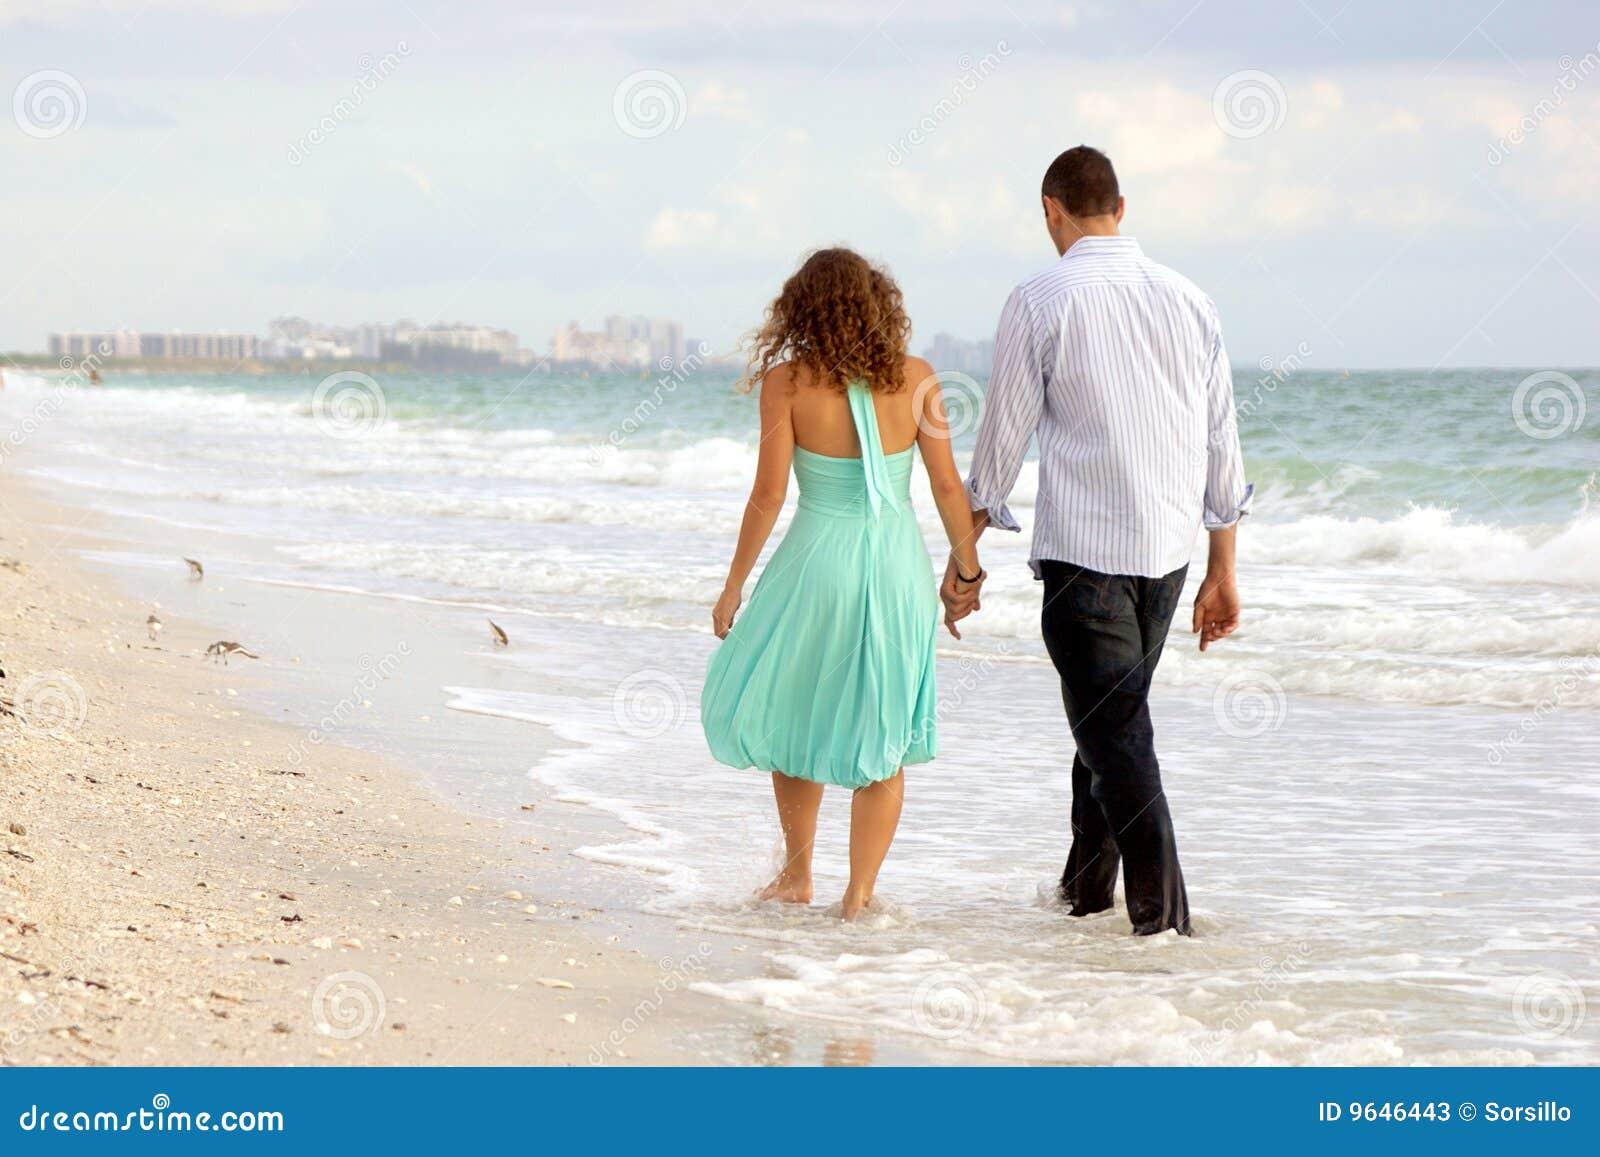 Hand In Hand Gehen : junge paare die hand in hand auf das strand thi gehen stockbild bild von attraktiv ~ Eleganceandgraceweddings.com Haus und Dekorationen